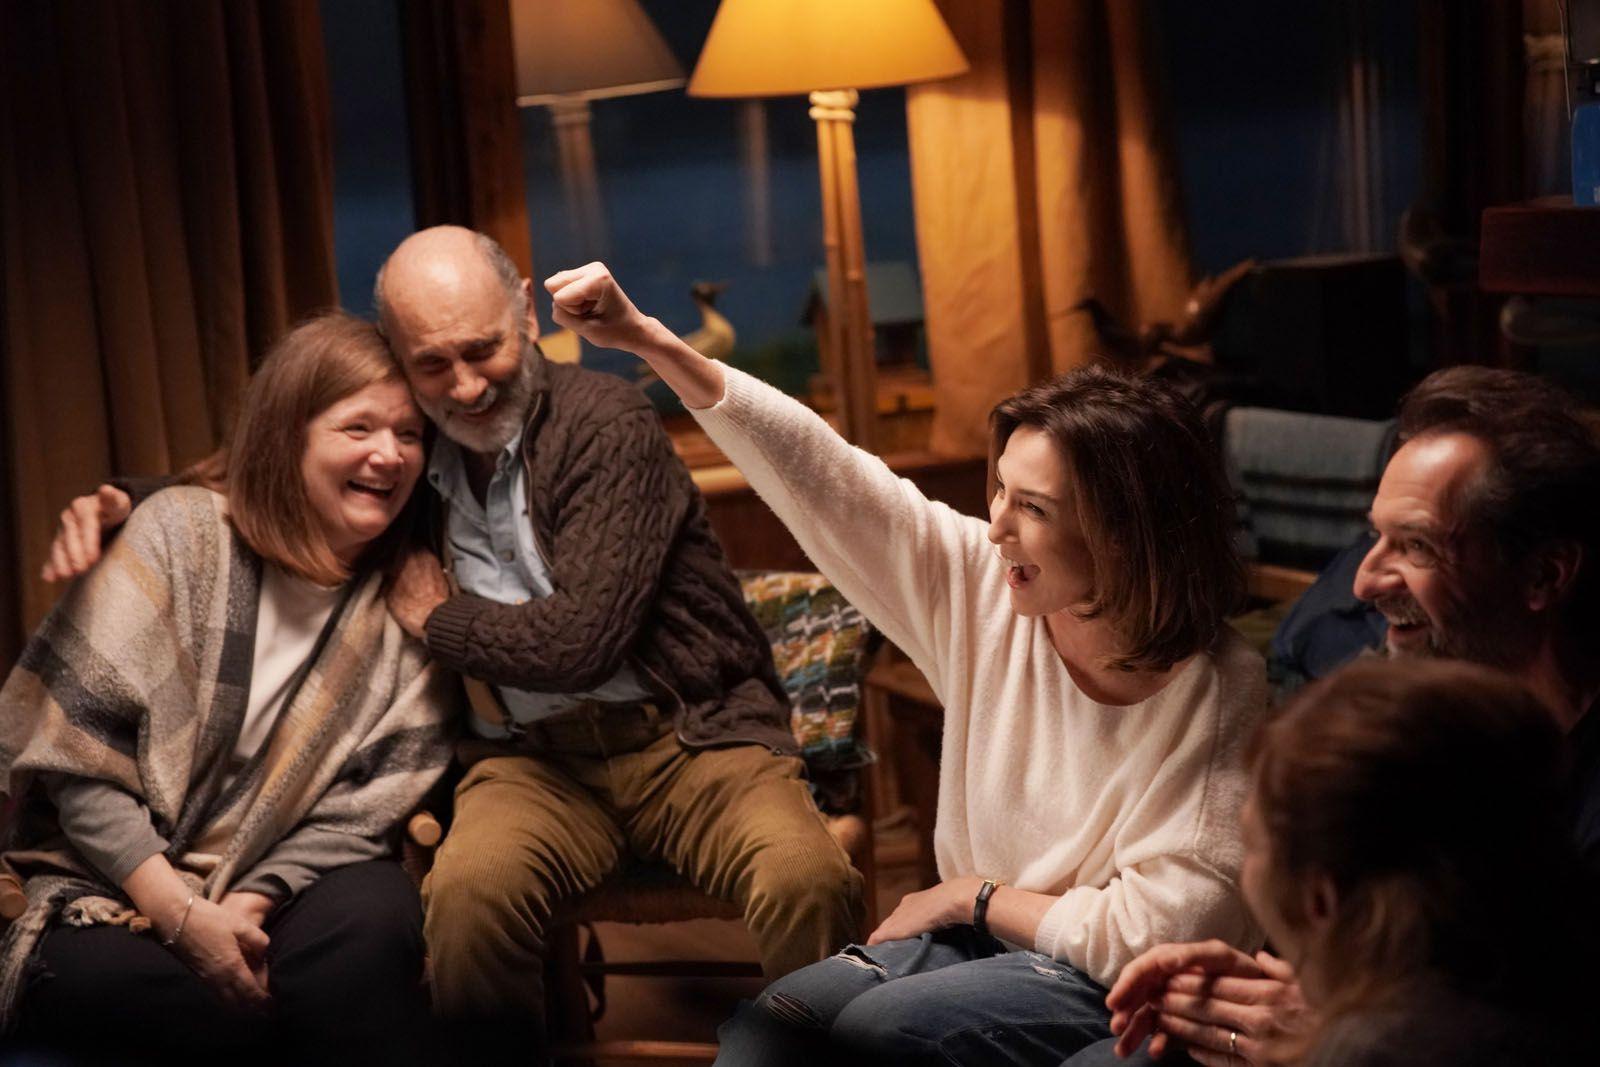 Tout nous sourit (BANDE-ANNONCE) avec Elsa Zylberstein, Stéphane De Groodt, Anne Benoit